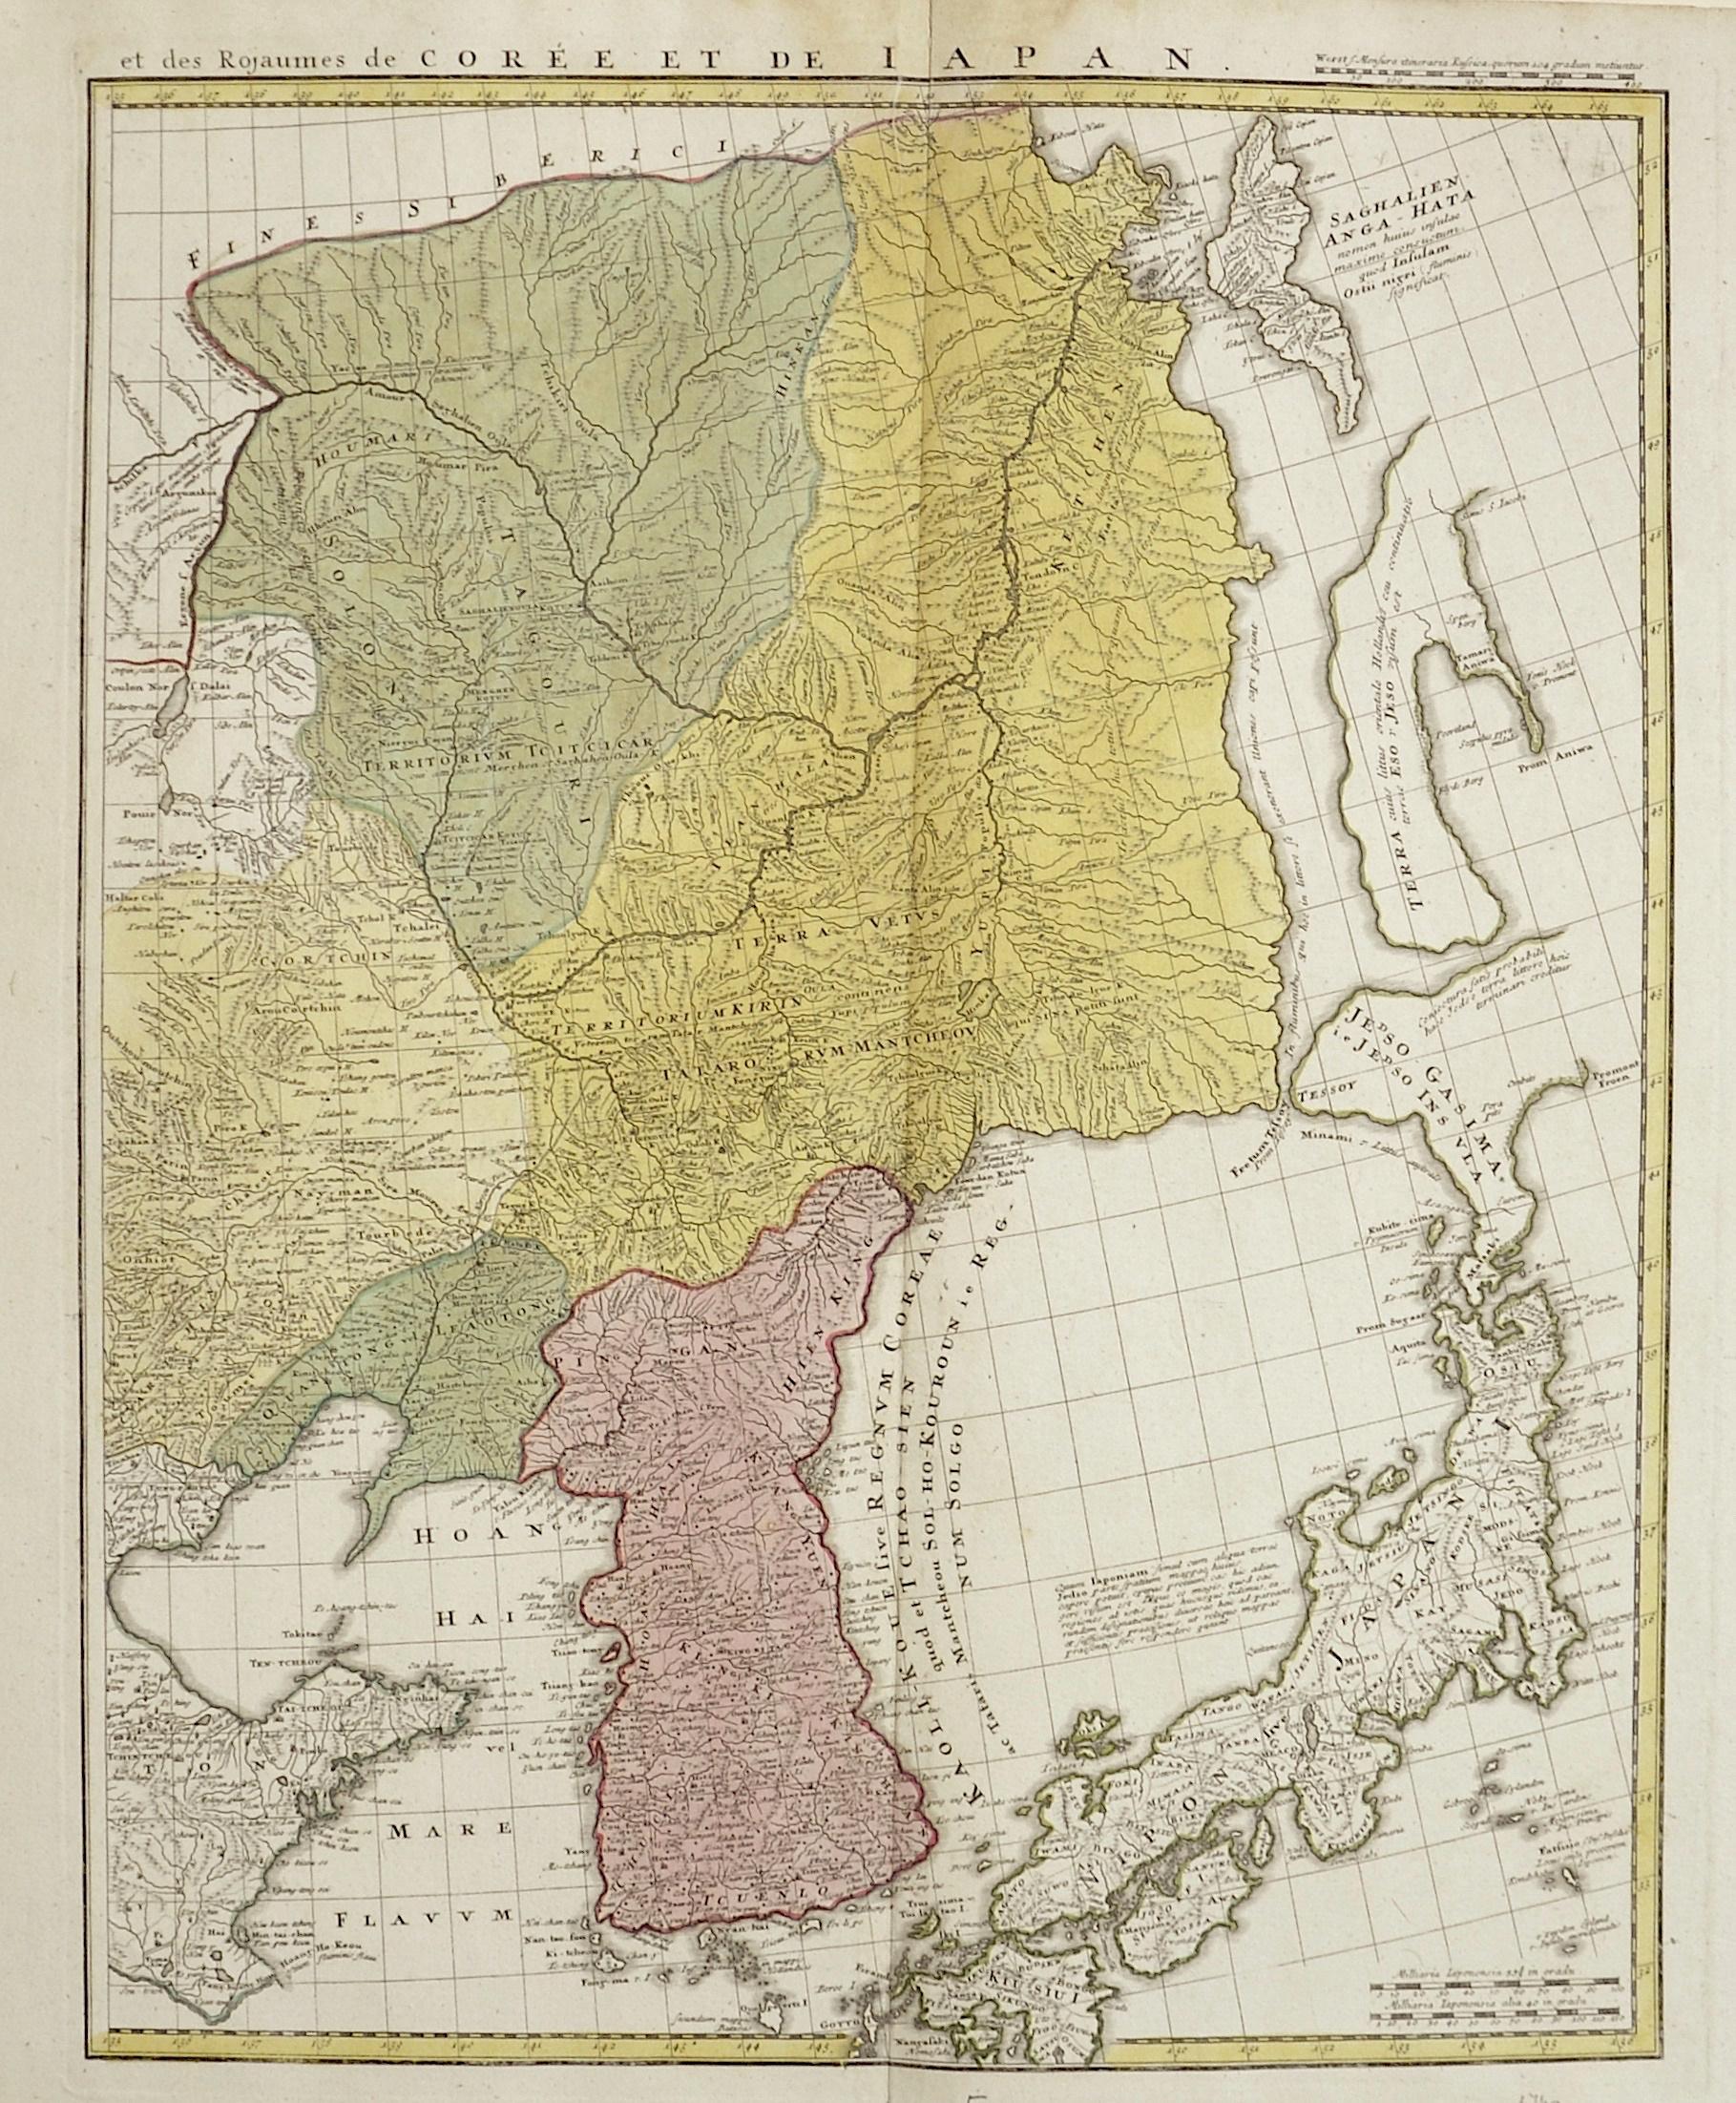 Homann Erben  et des Rojaumes de Corée et de Japan